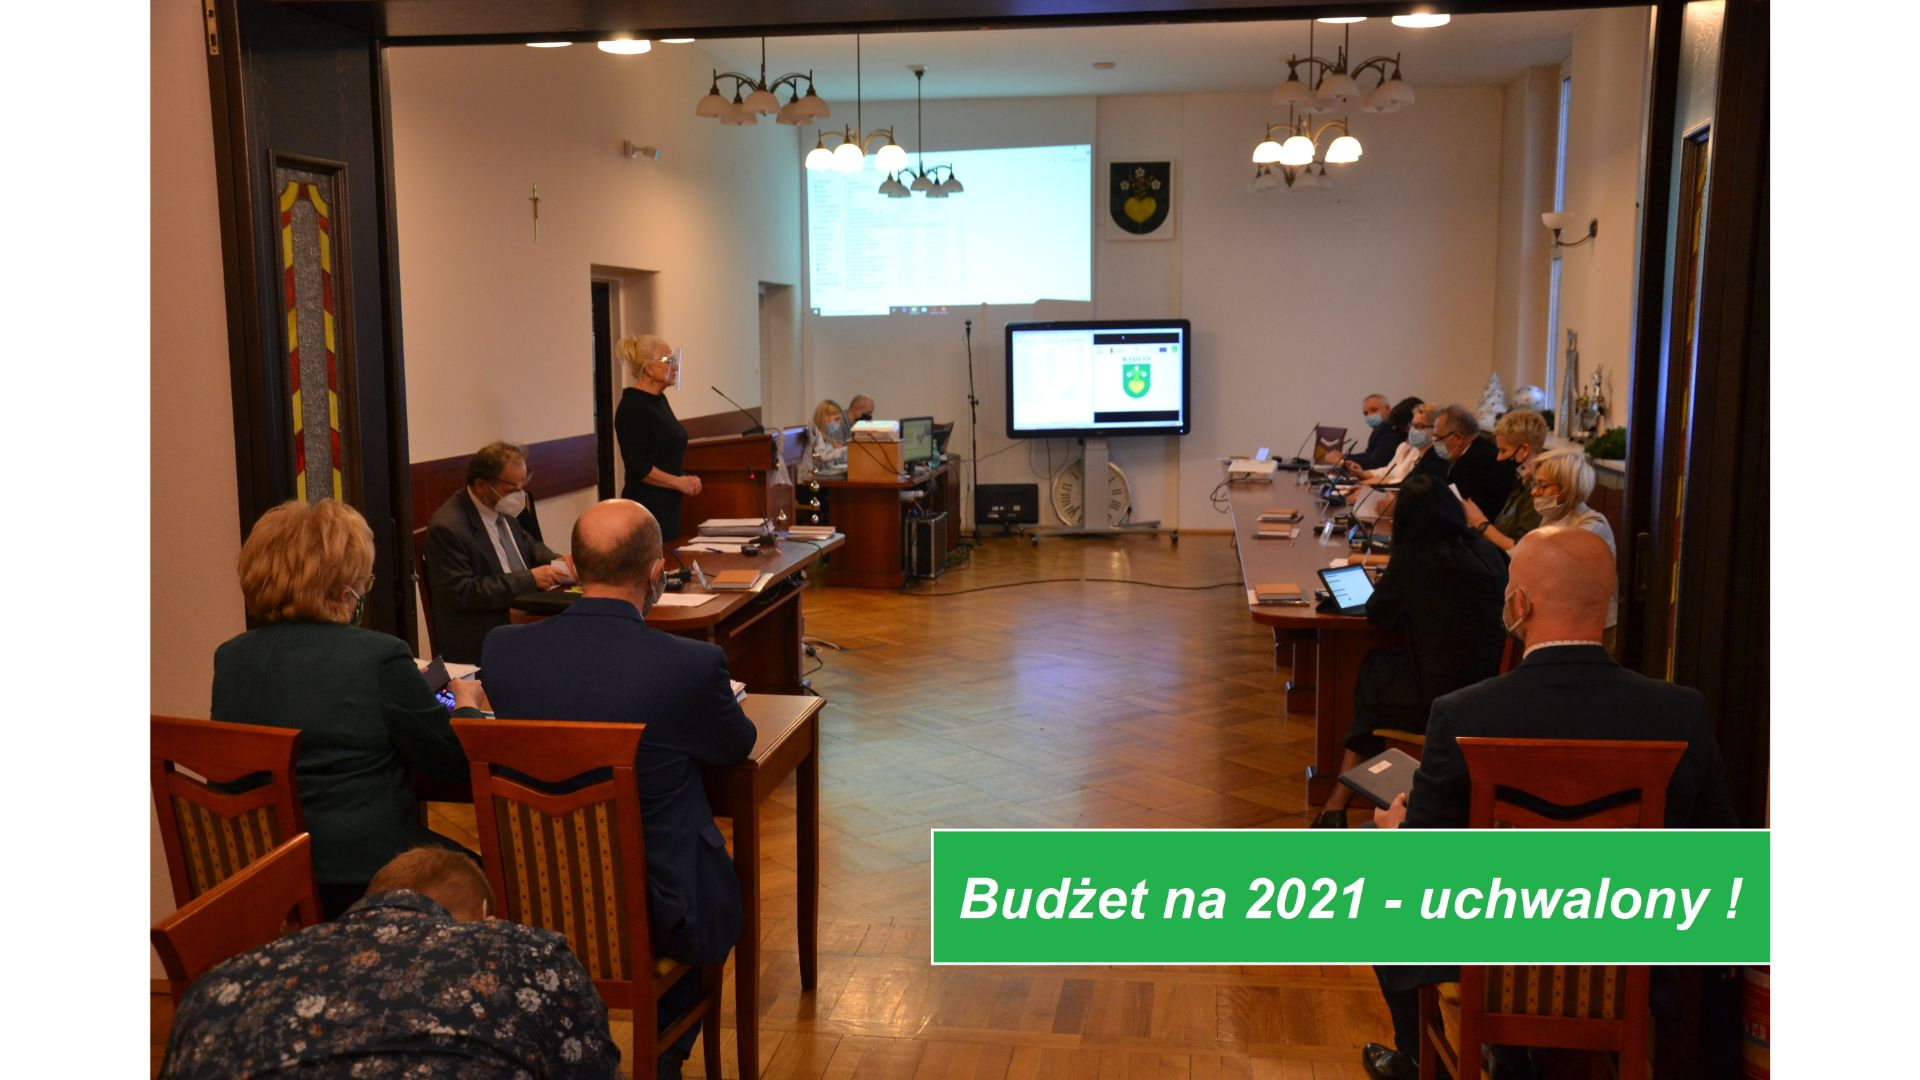 Budżet na 2021 – uchwalony!